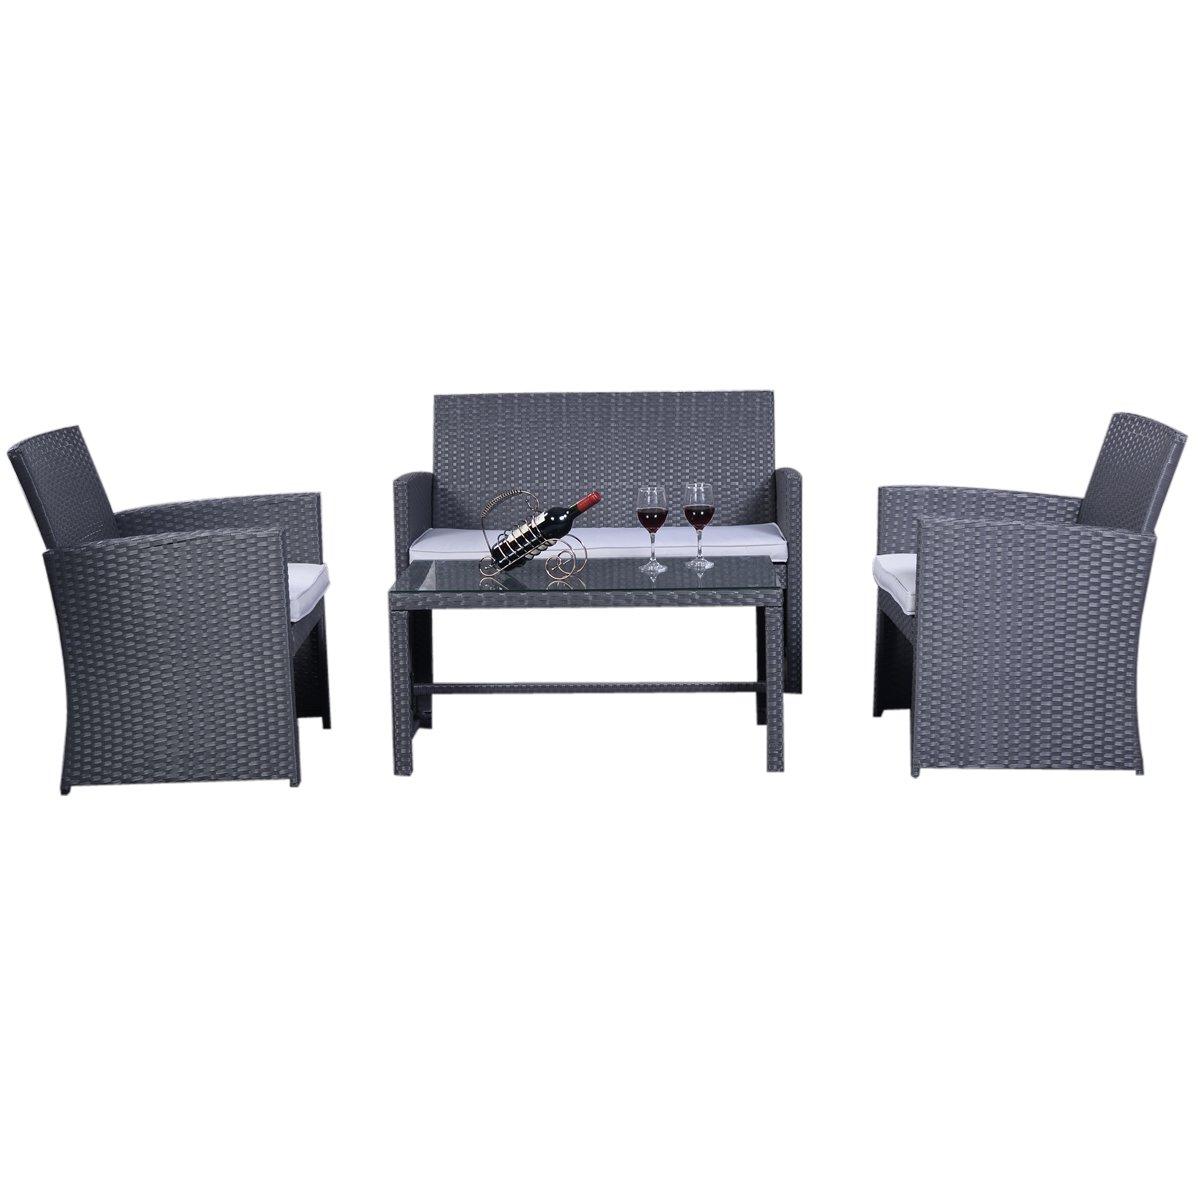 7tlg.Rattan Gartenmöbel Rattanmöbel Set Lounge Polyrattan Sitzgruppe Garnitur Garten Grau online kaufen